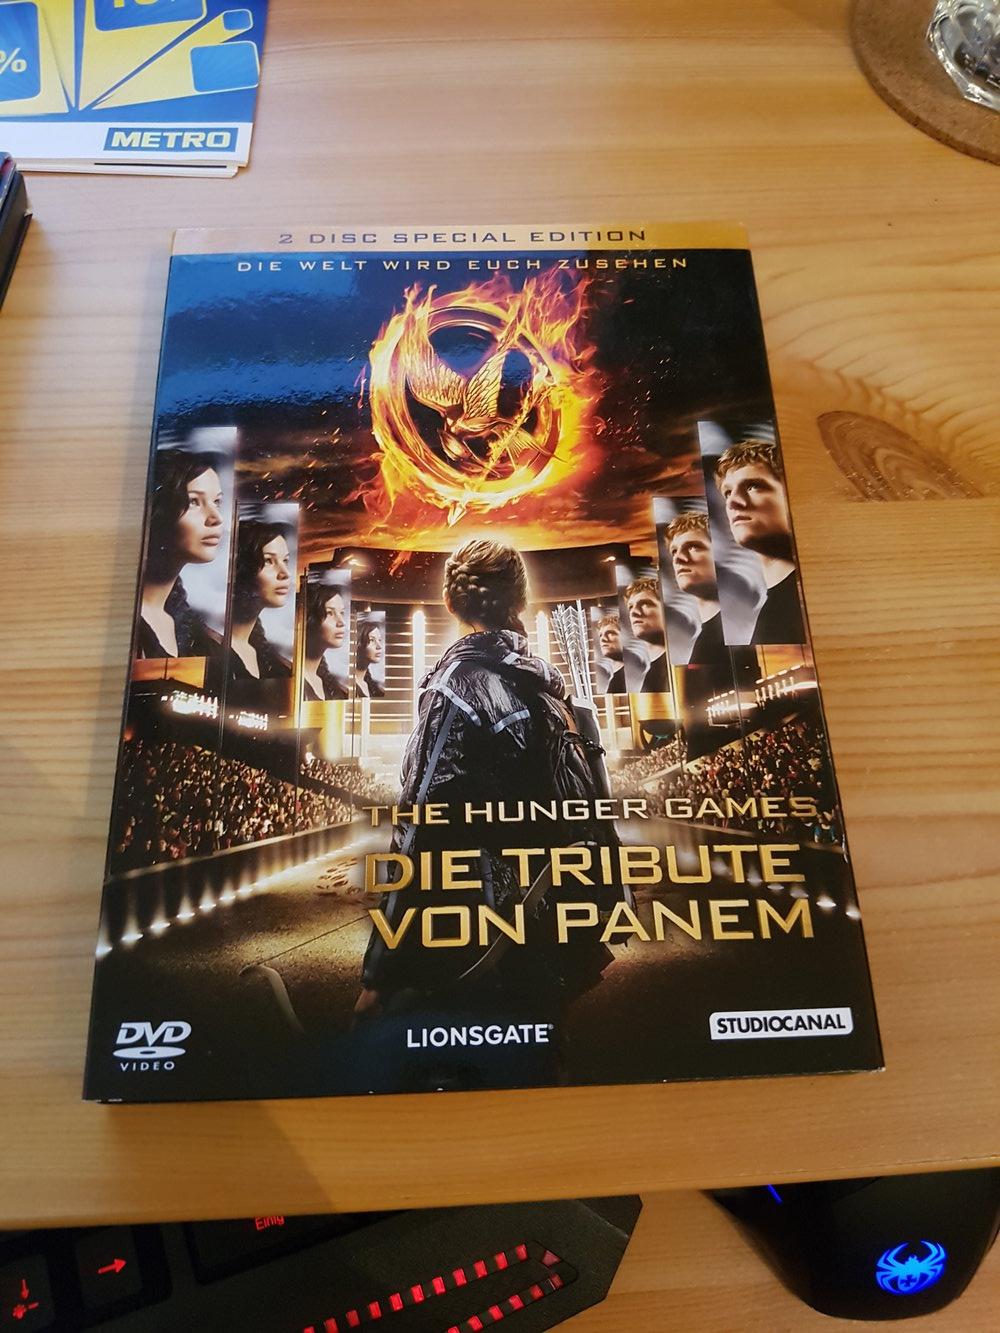 Die tribute von panem the hunger games for Die tribute von panem film